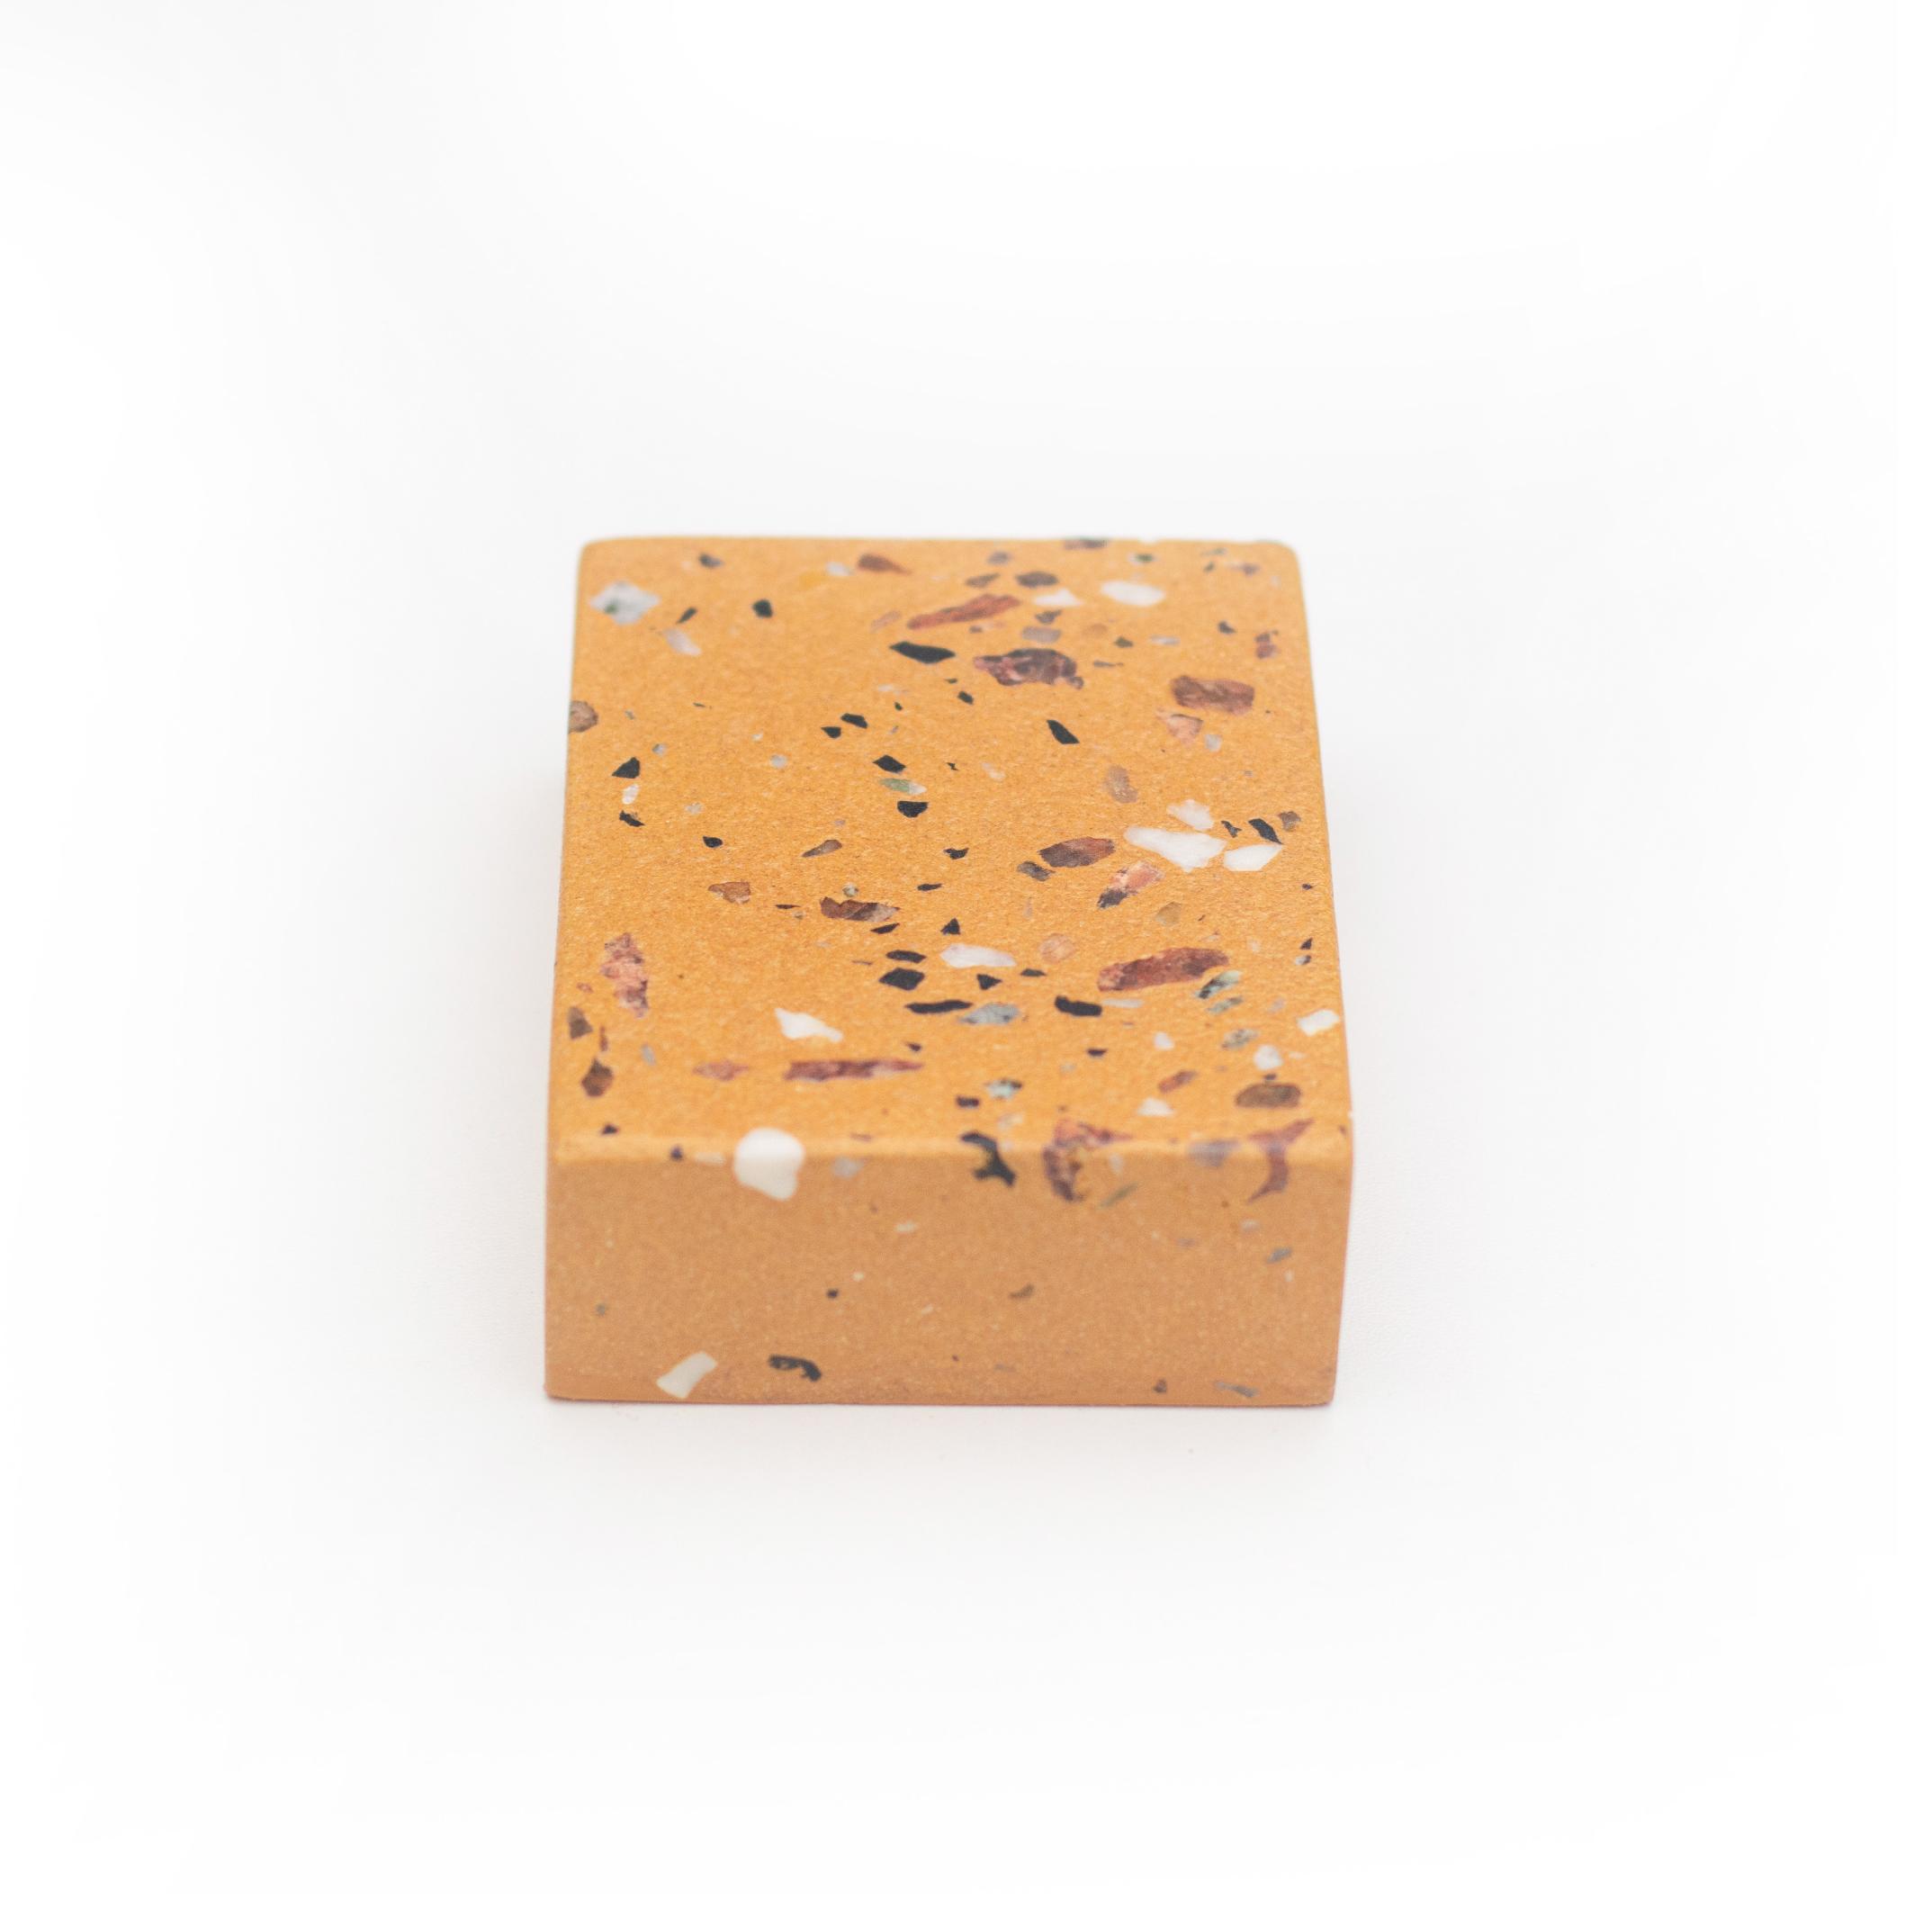 granilite creme com pedras vermelhas, pretas e brancas - cod gra01